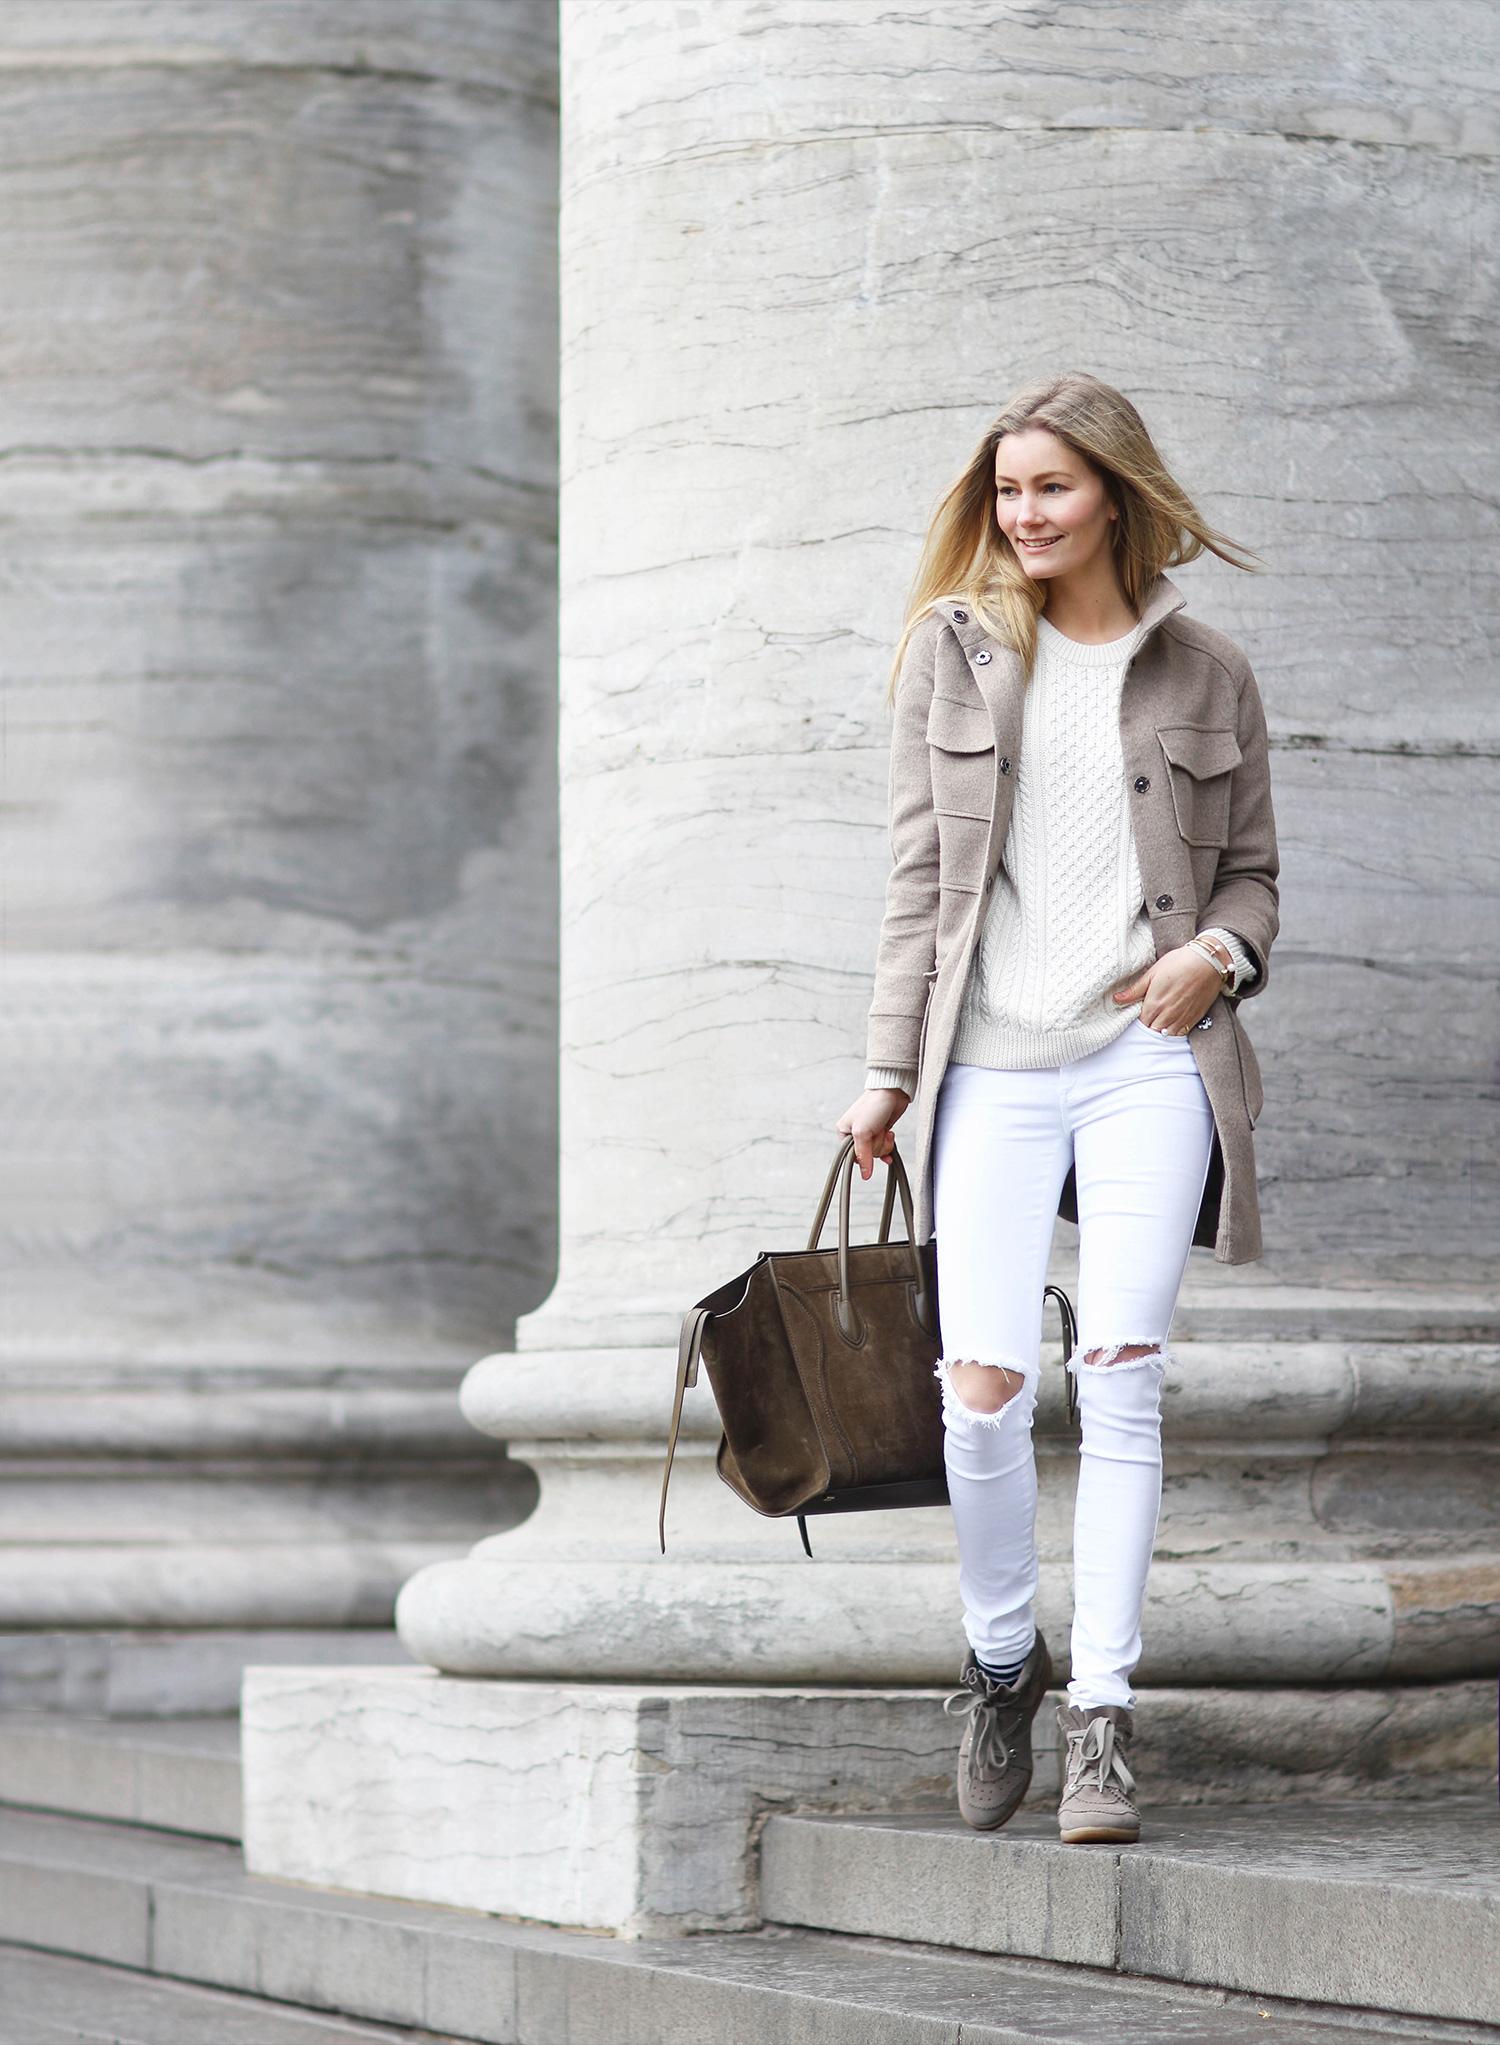 hvide-jeans-fra-Fiveunits@2x